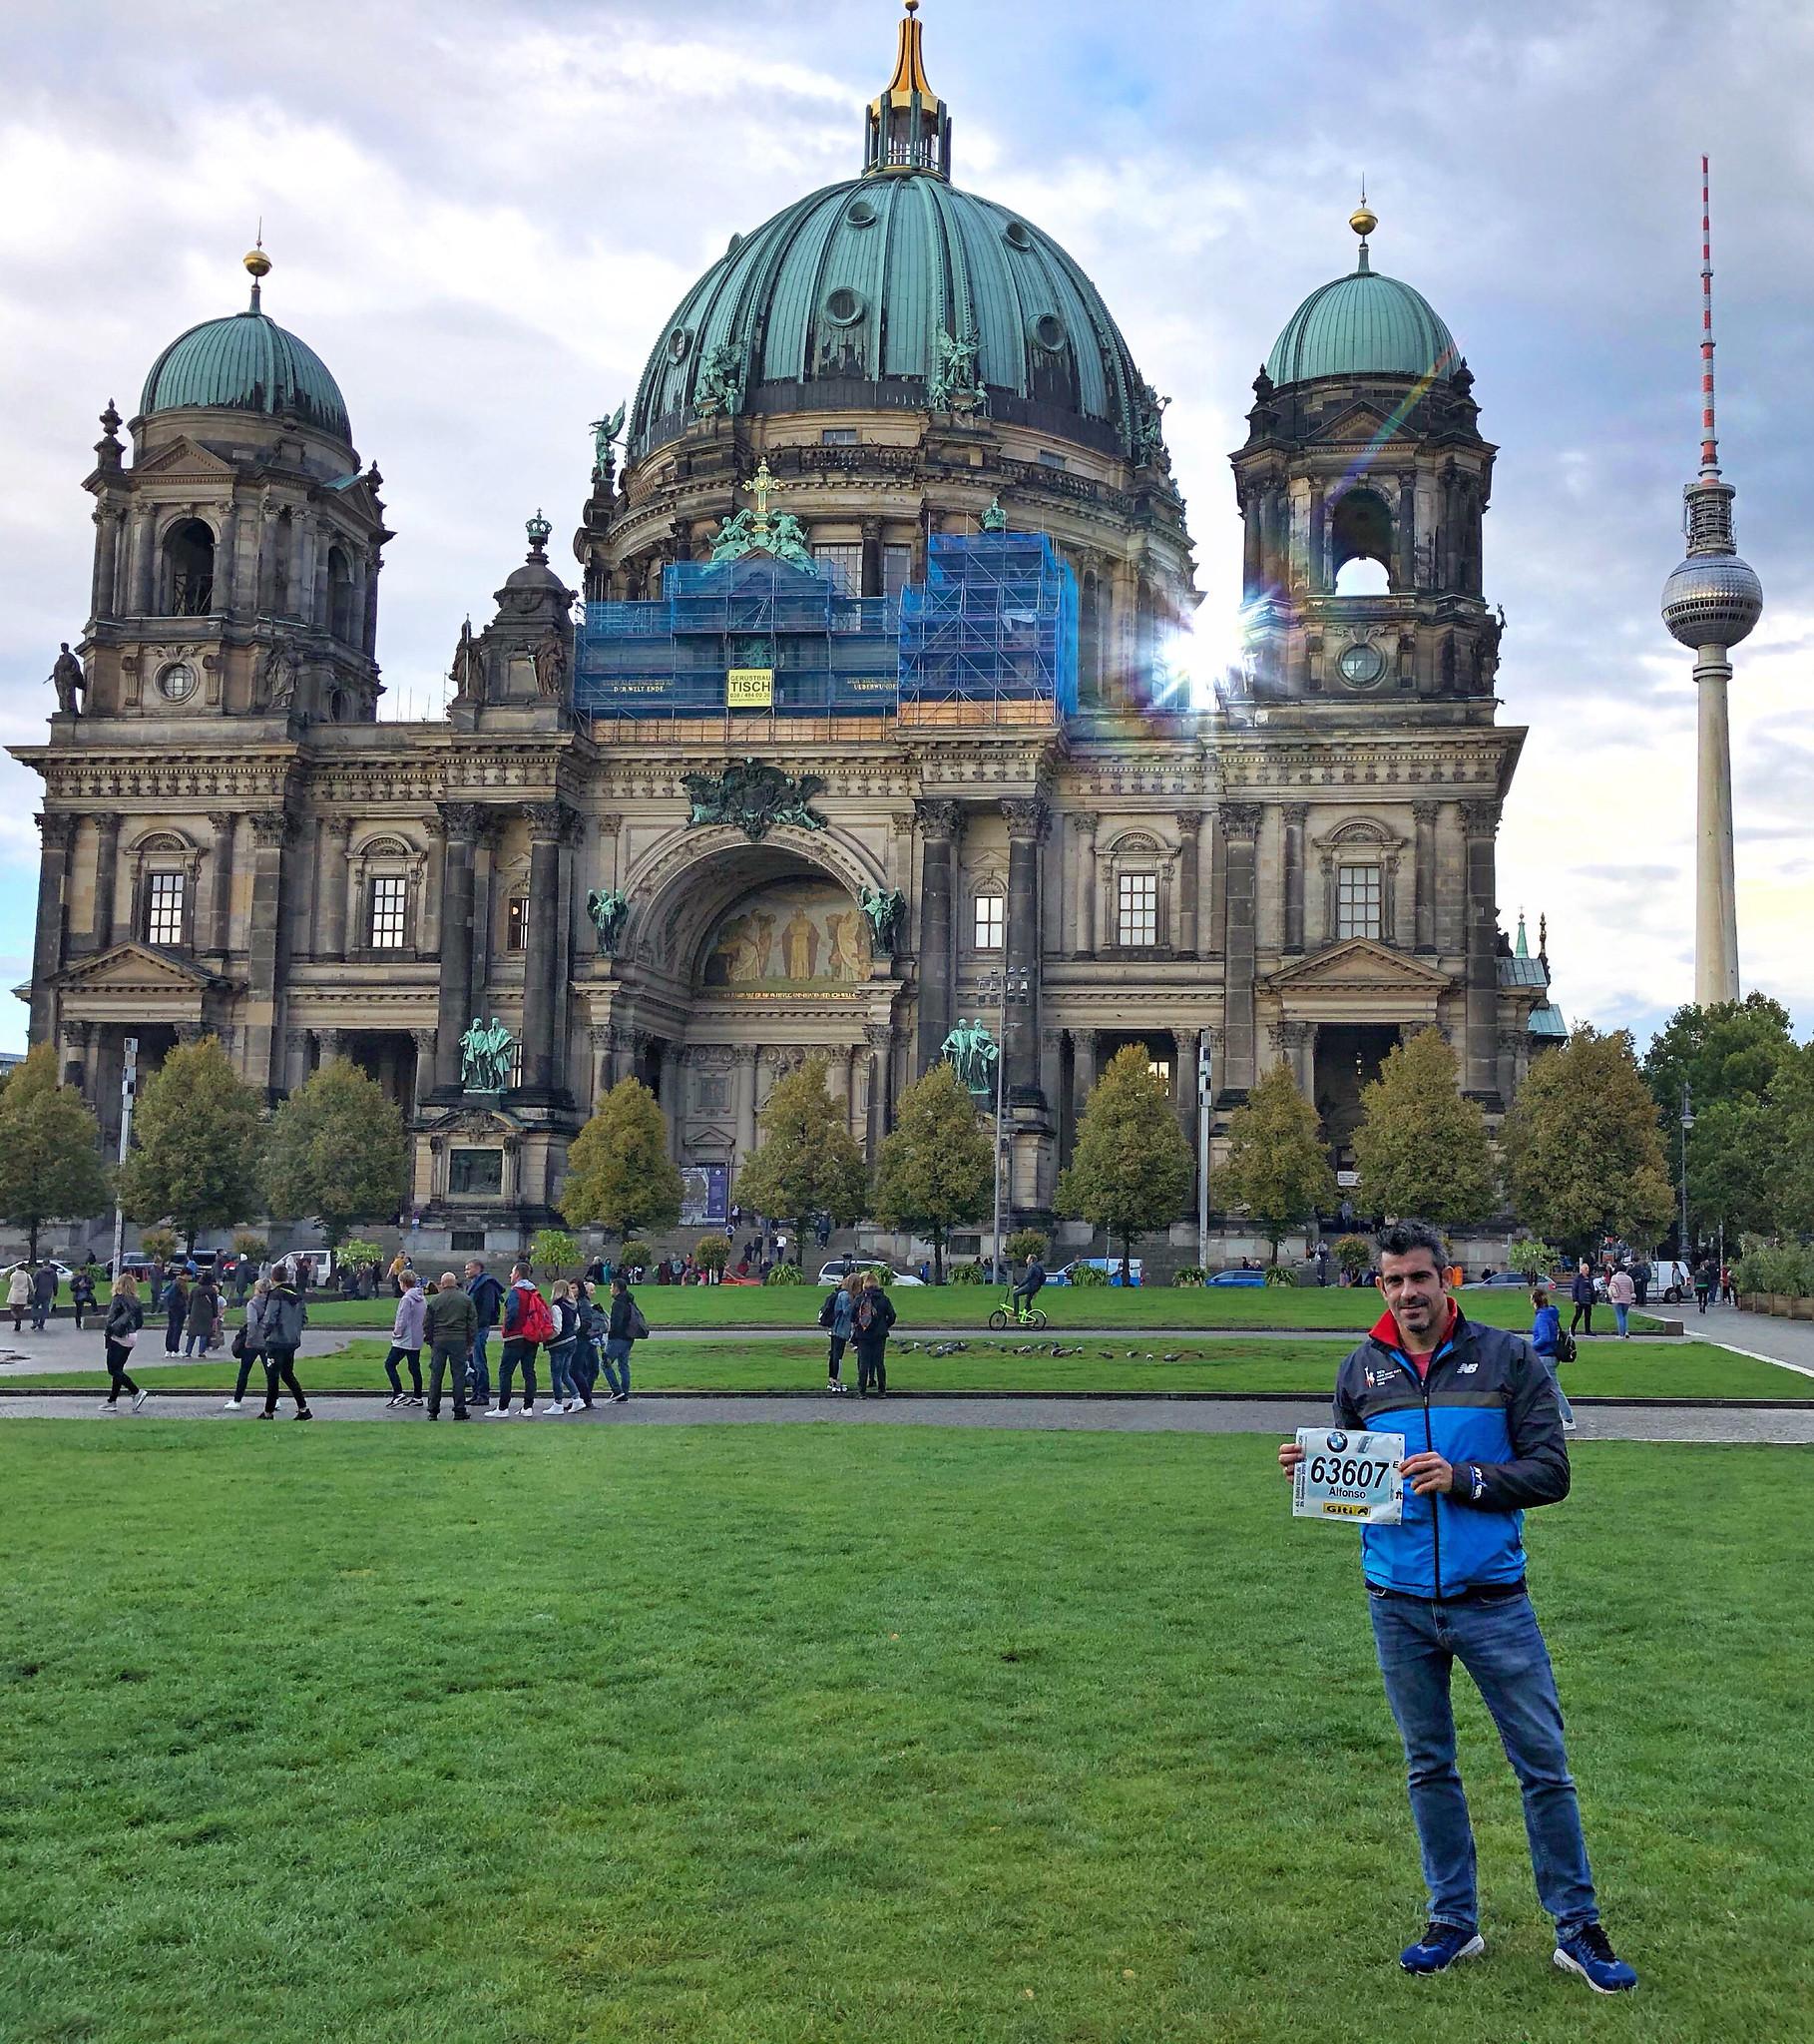 Correr el Maratón de Berlín - Berlin Marathon fotos photos - thewotme maratón de berlín - 49038571753 bddc52264a k - Correr el Maratón de Berlín: Análisis, recorrido, entrenamiento e inscripciones